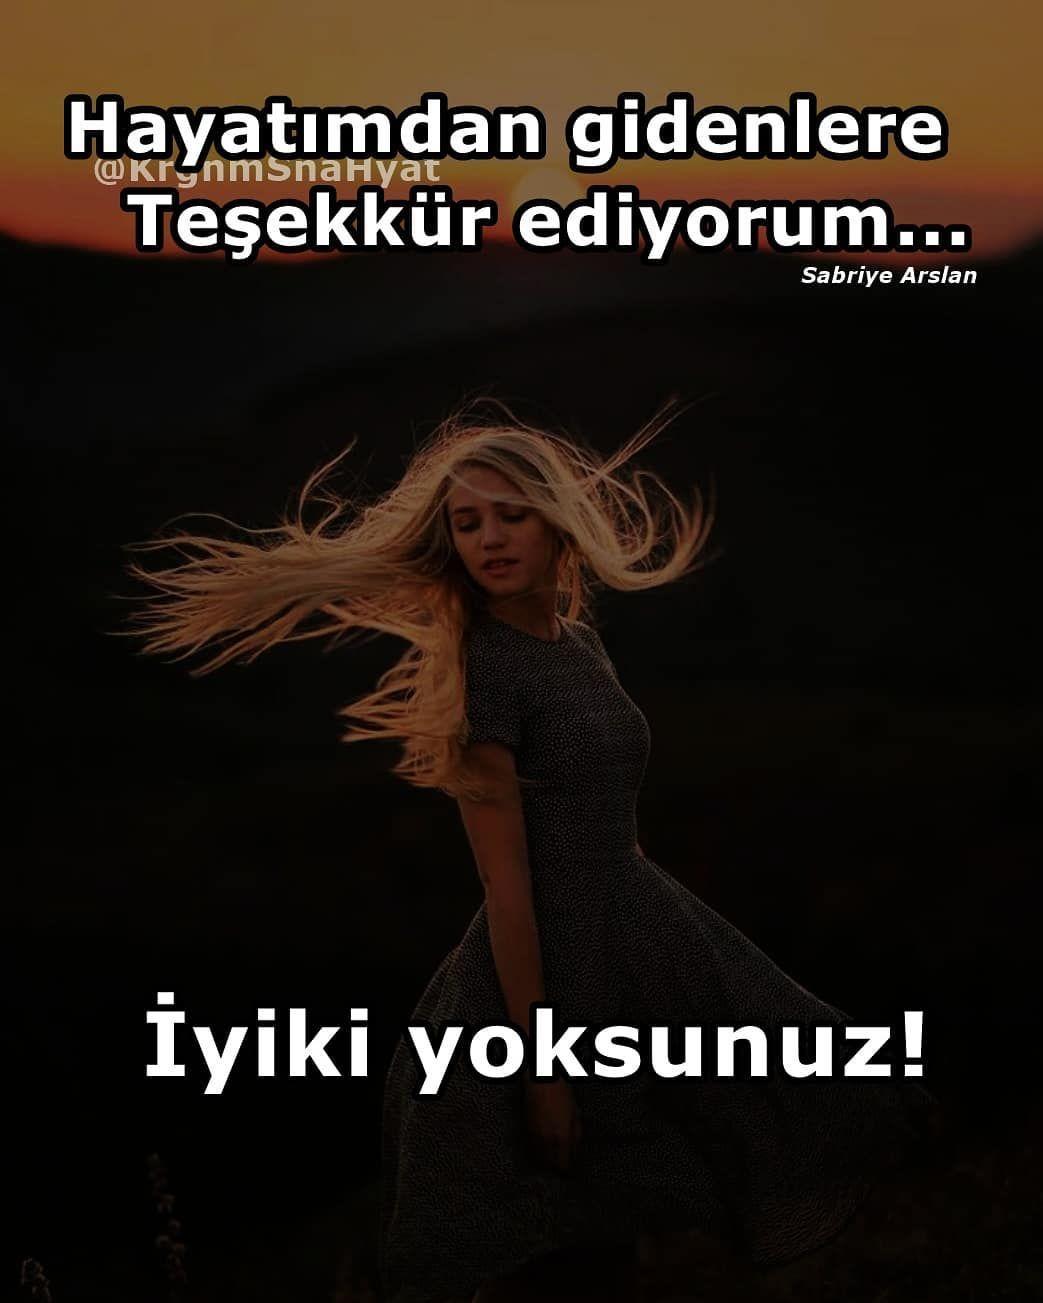 Gefallt 872 Mal 23 Kommentare Sabriye Arslan Sabriyearslanofficial Auf Instagram 5 Tane Gt Yazarak Takip Sayinizi Artirabilir In 2020 Memes Ecards Ecard Meme